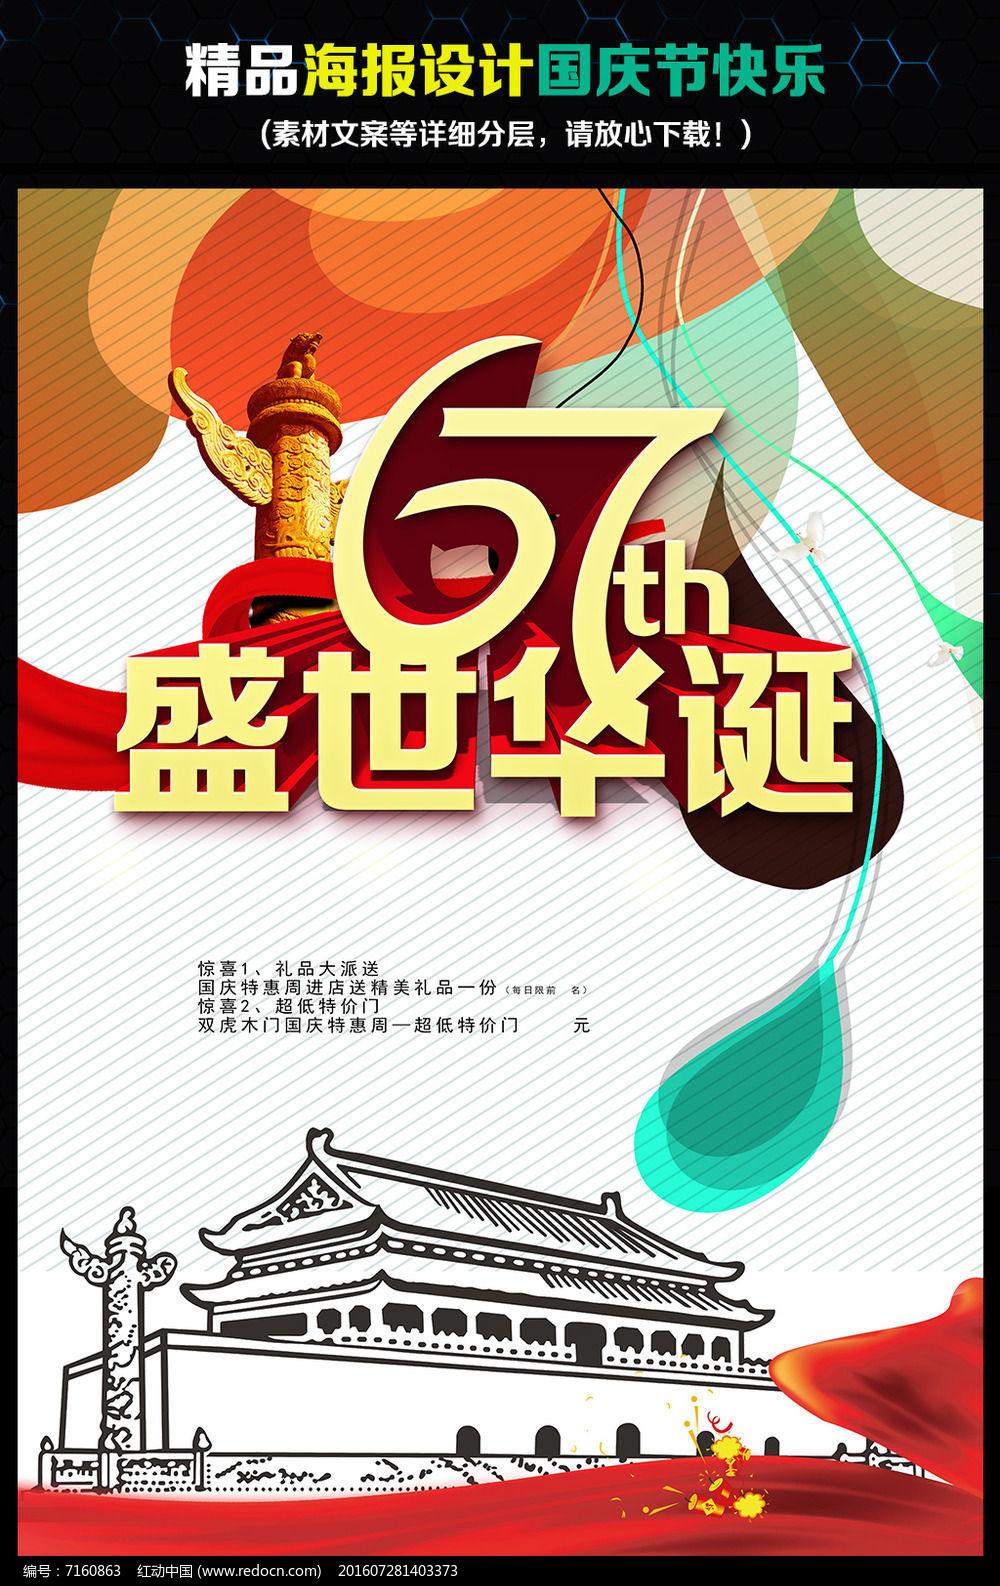 手绘风格国庆67周年海报设计